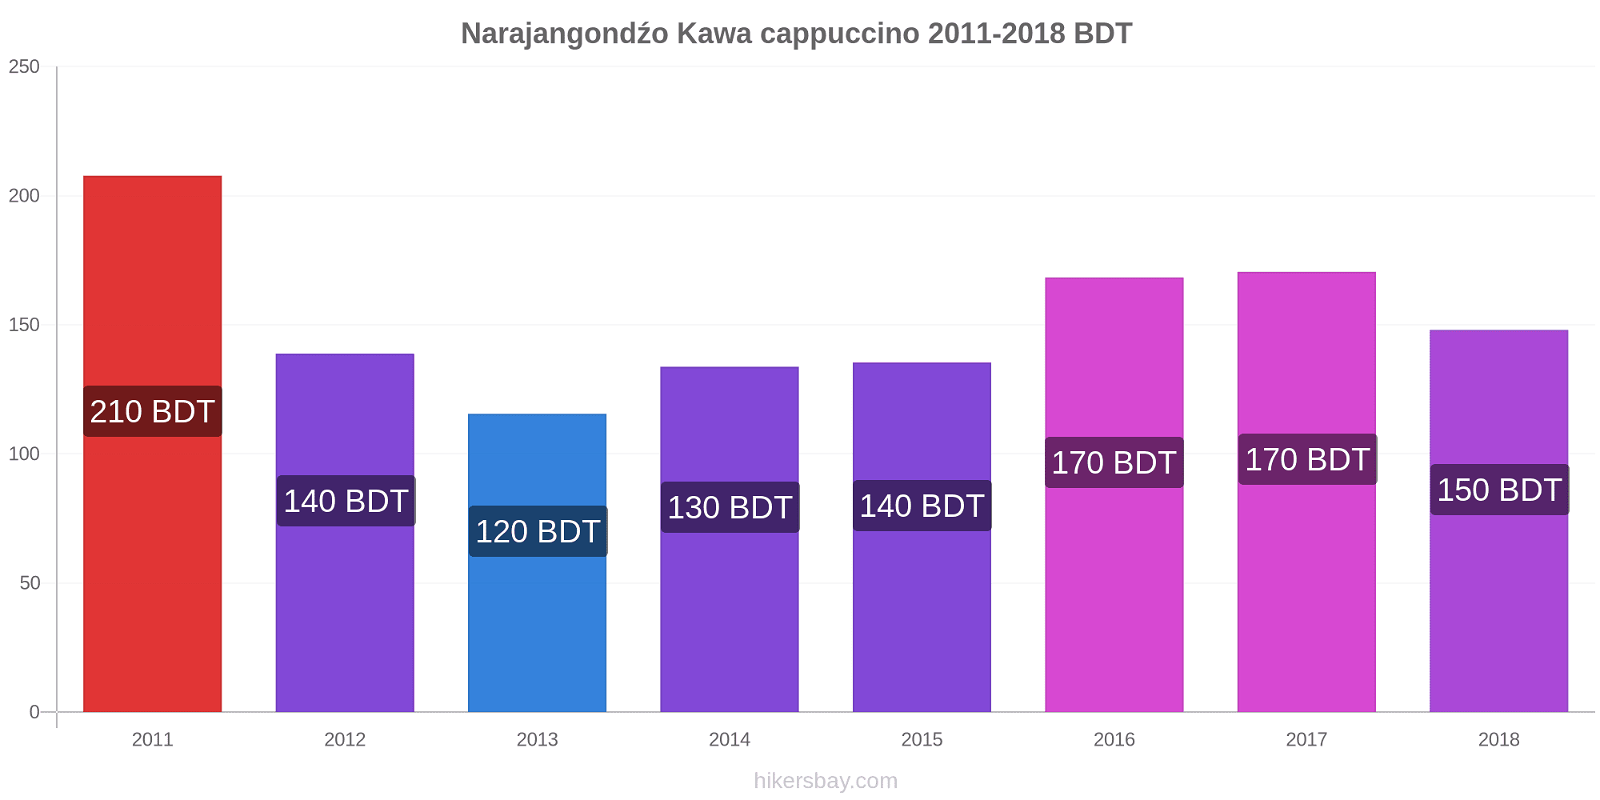 Narajangondźo zmiany cen Kawa cappuccino hikersbay.com